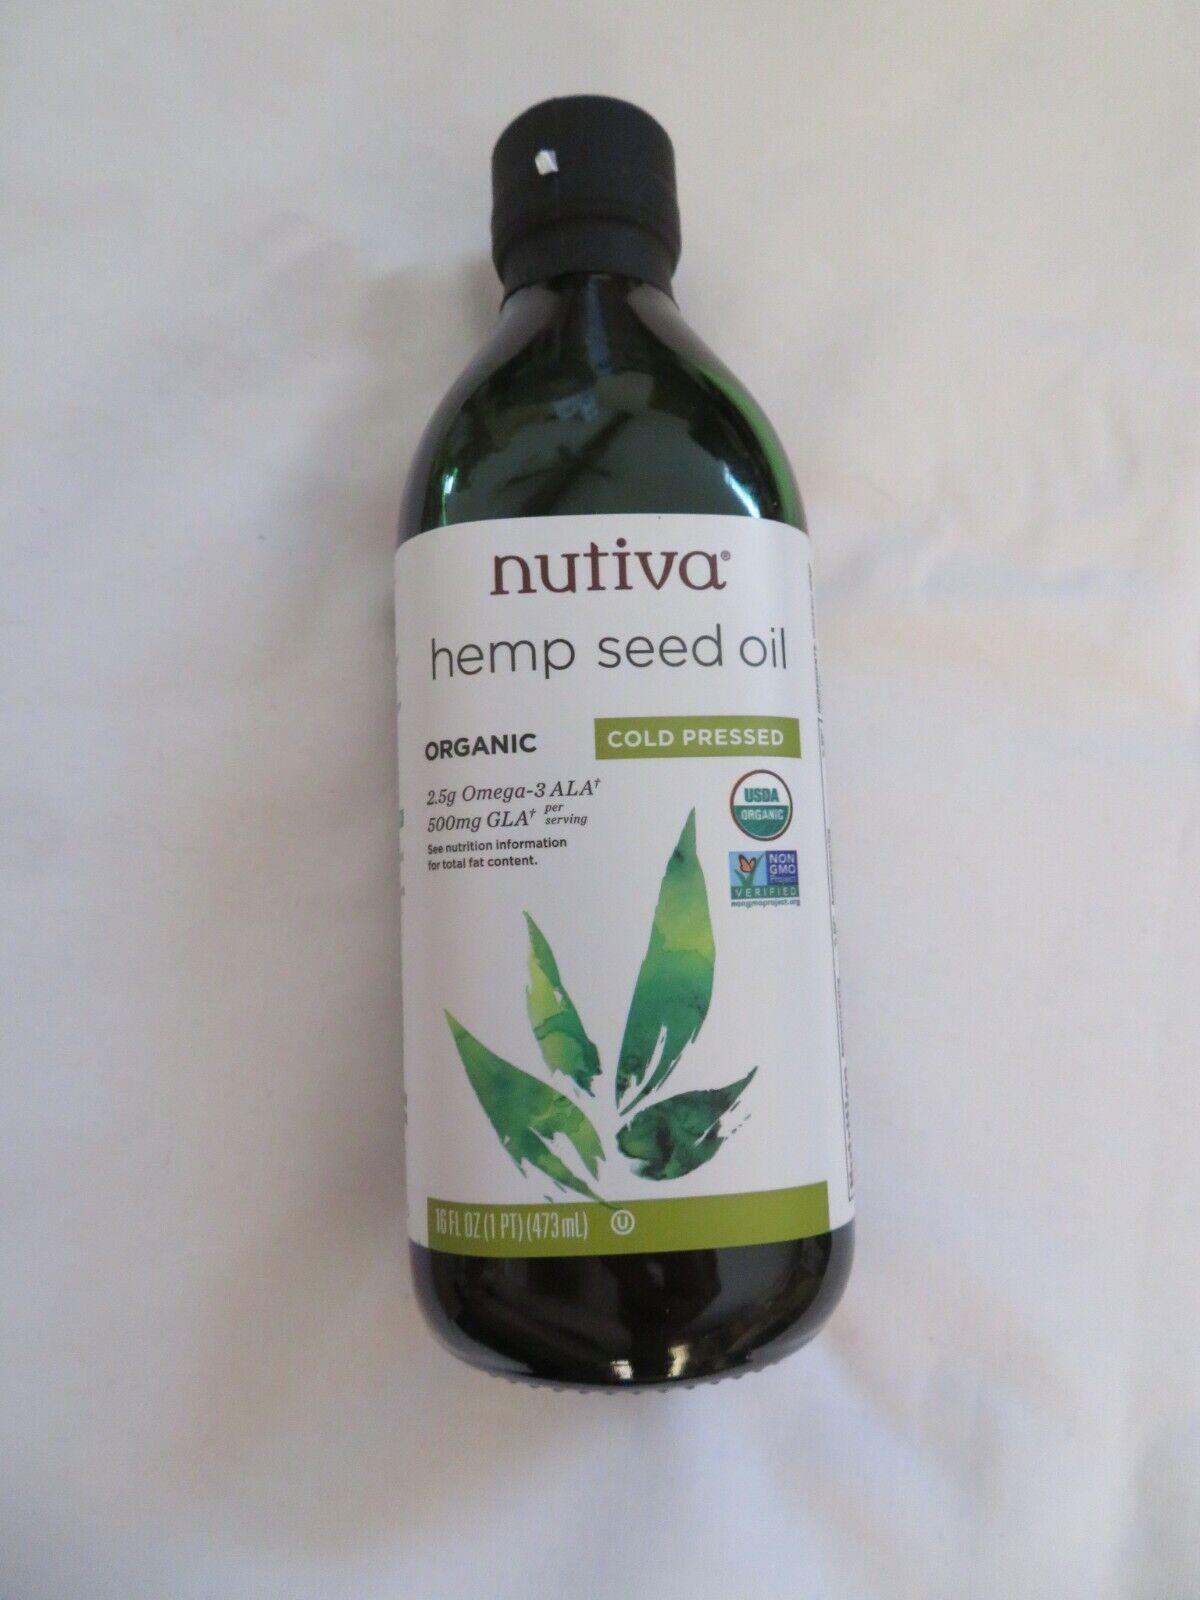 Nutiva Hemp Seed Oil Organic Cold Pressed 16 Oz 32 Servings